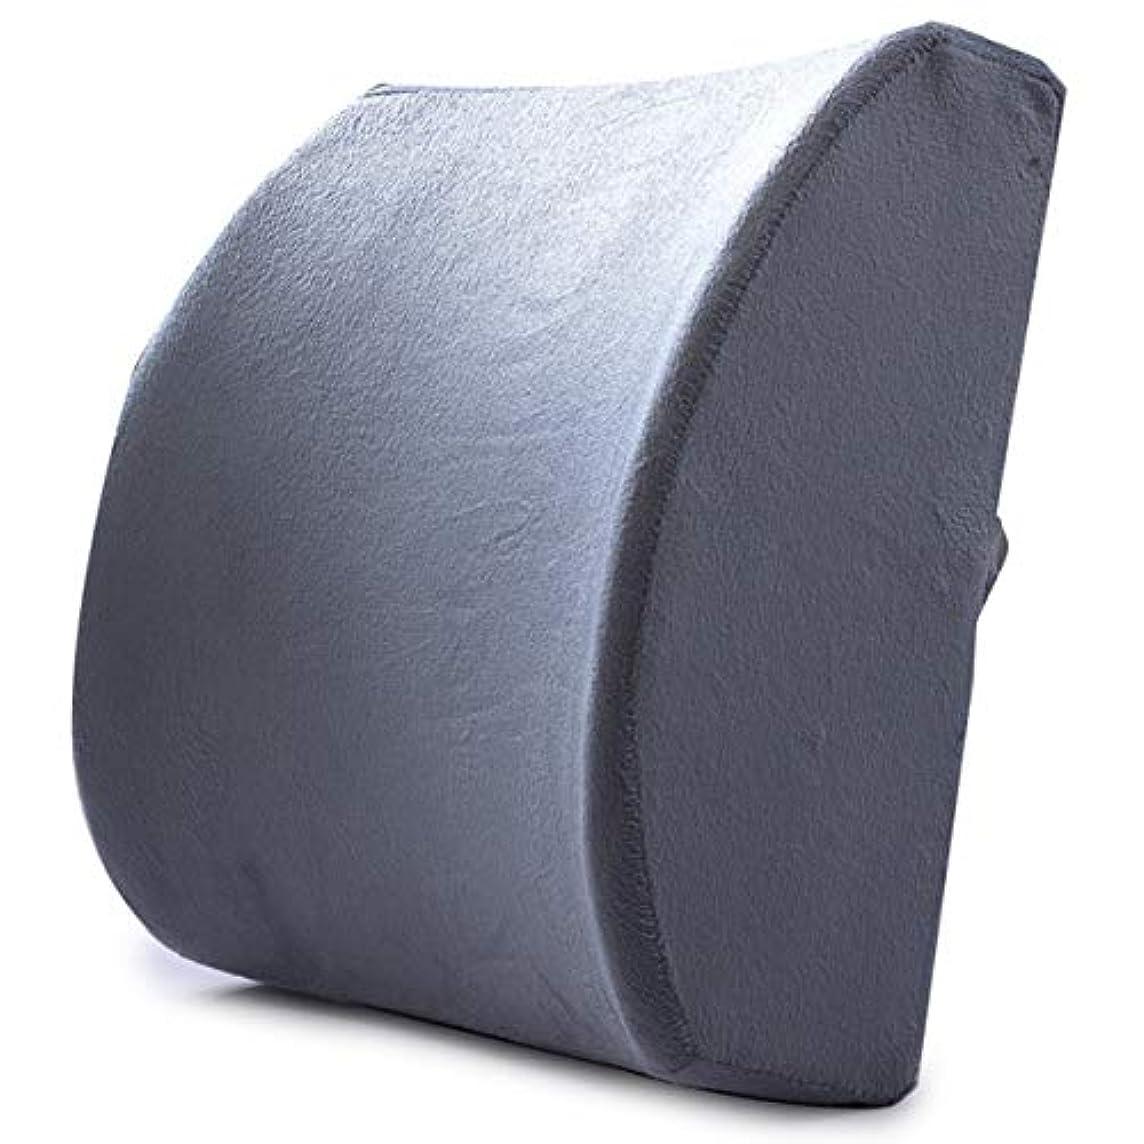 数学者温室上向きMemory Foam Lumbar Support Waist Cushion Pillow For Chairs in the Car Seat Pillows Home Office Relieve Pain